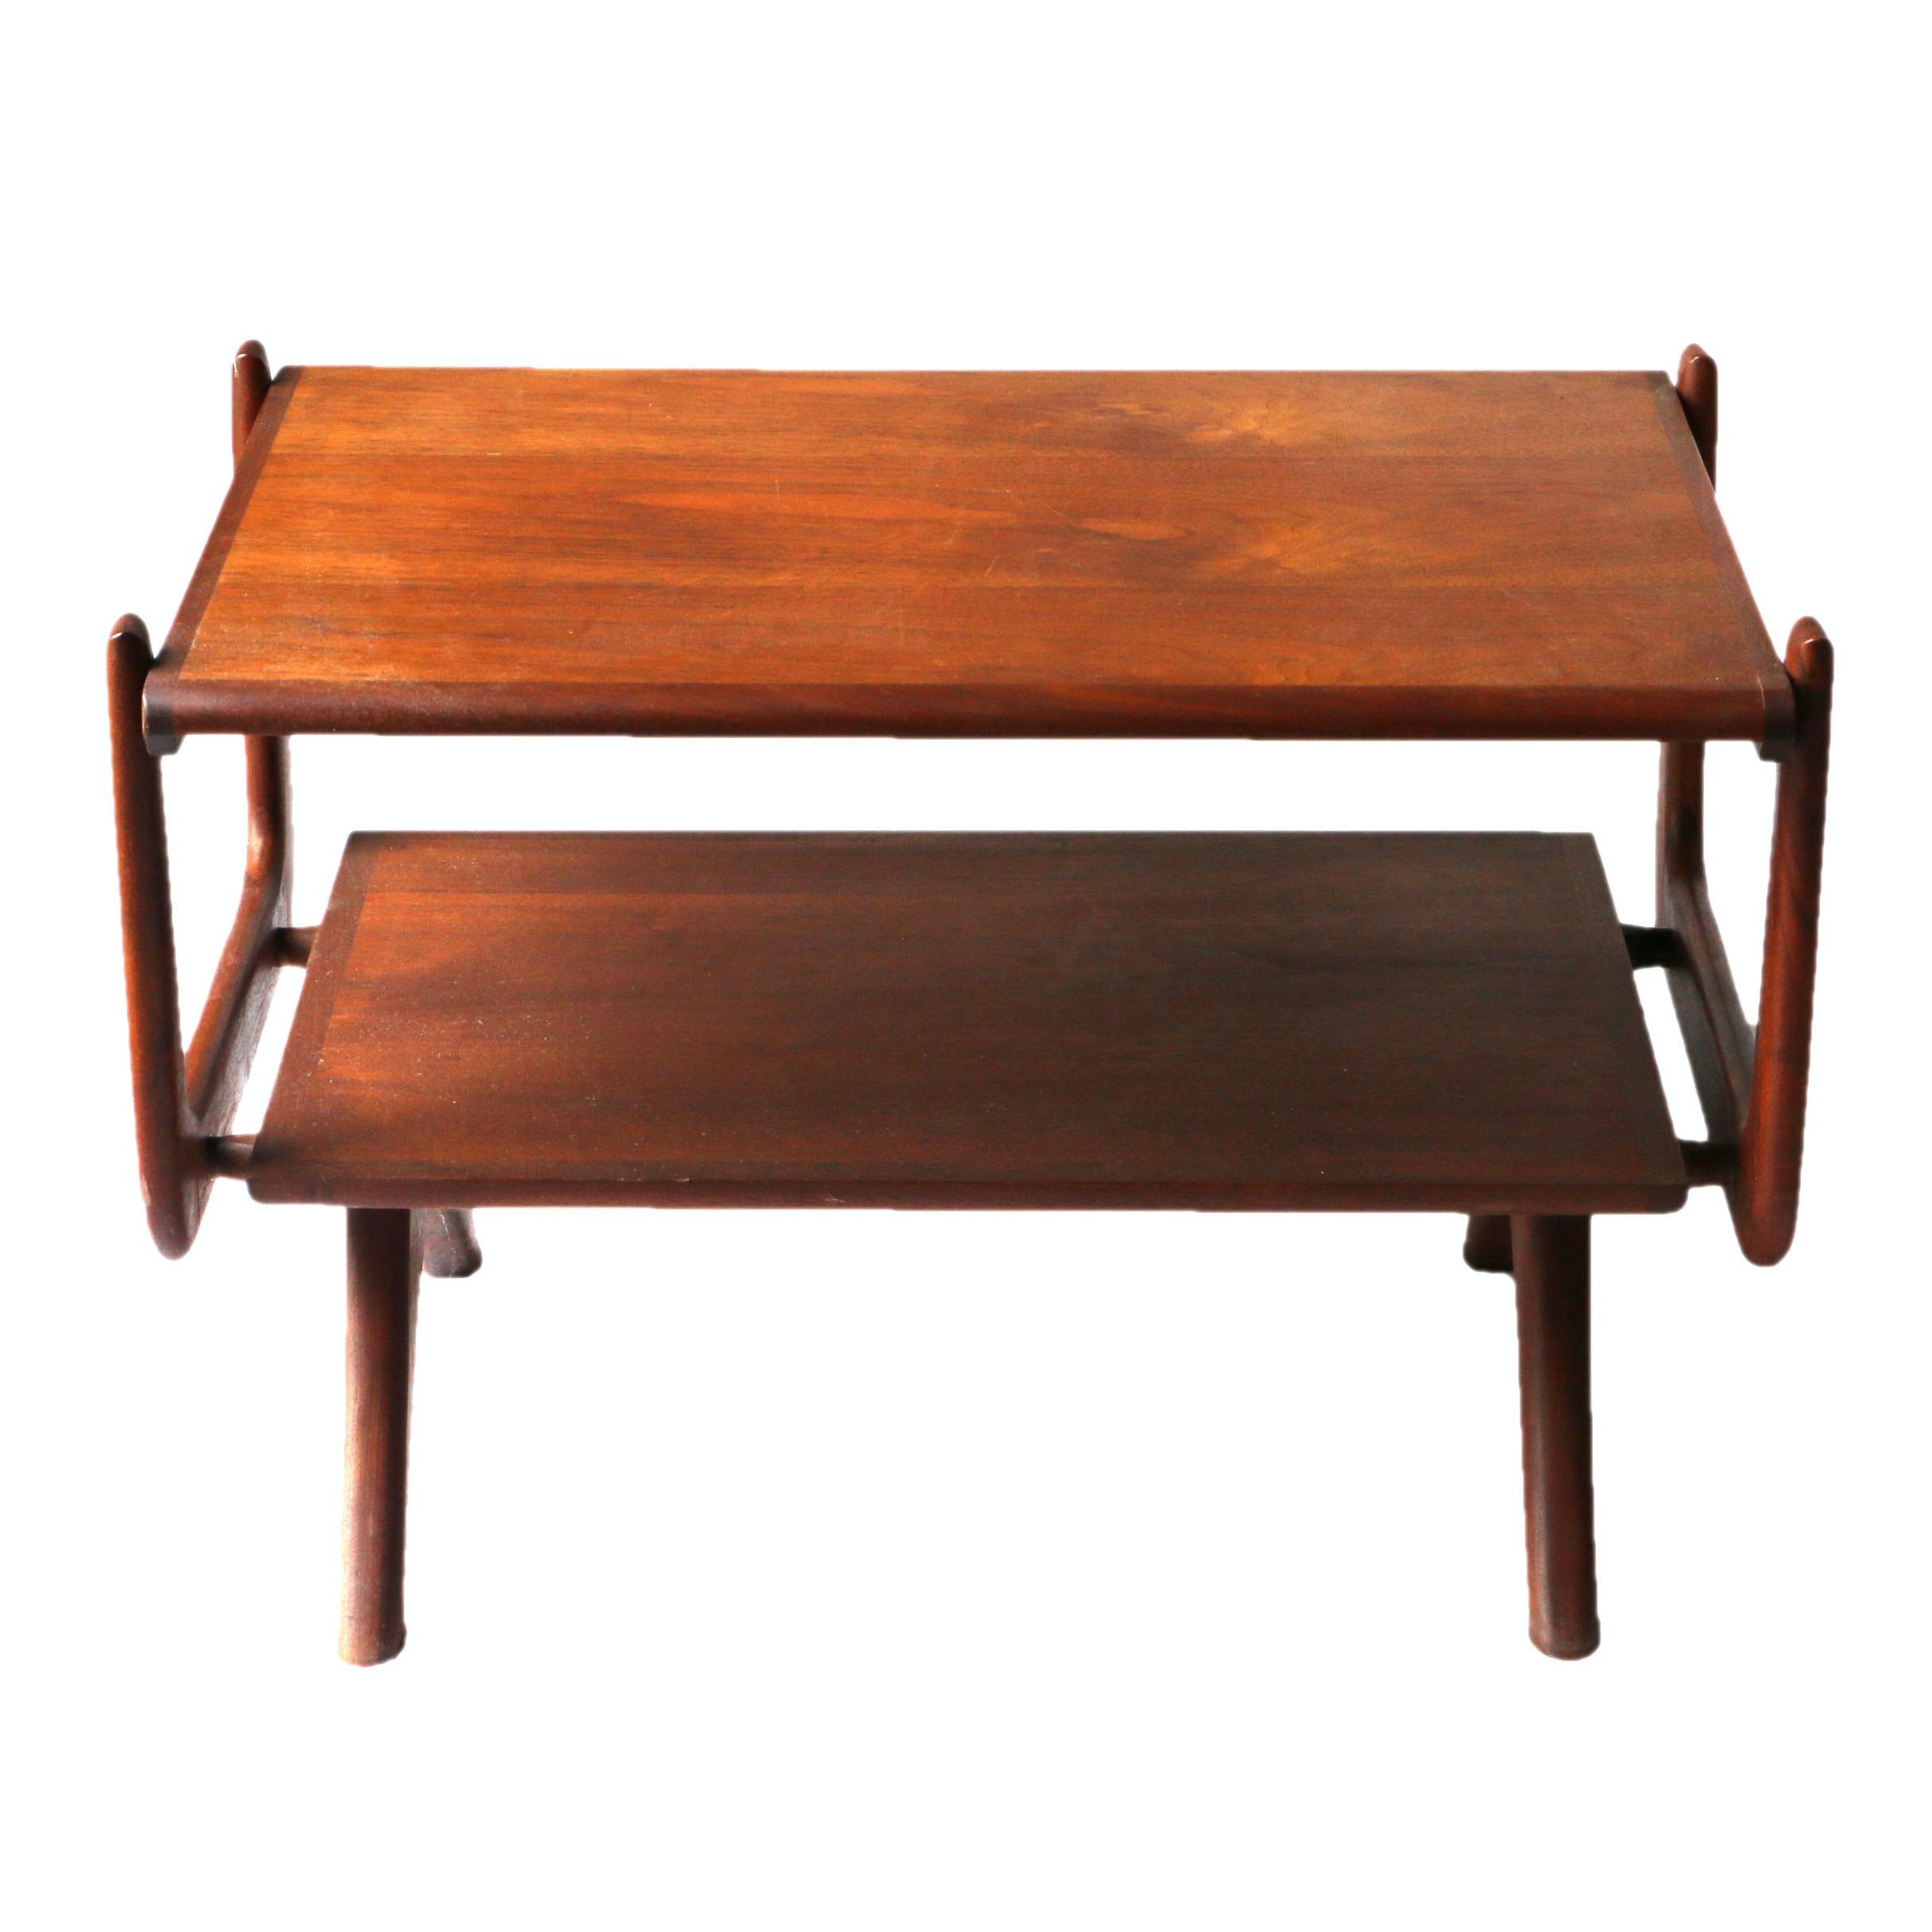 Mid Century Modern Walnut Coffee Table by Otmar